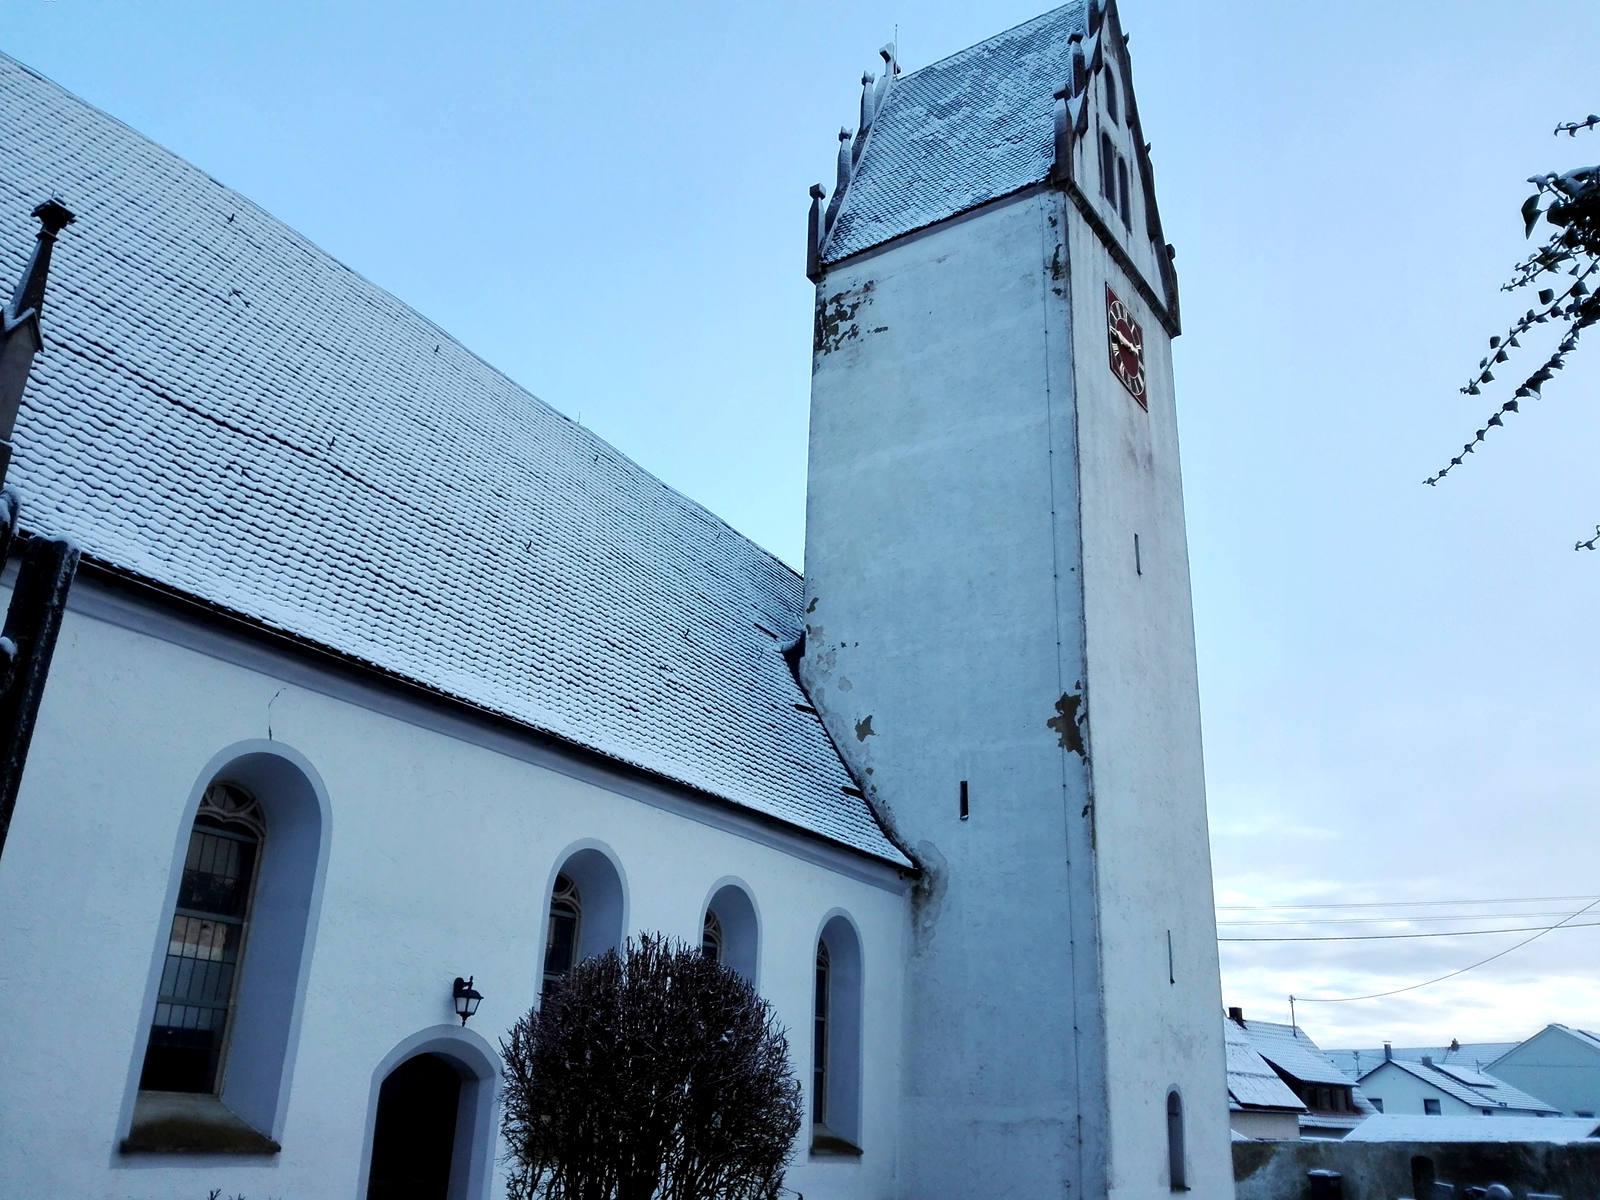 Kirchturm im Stadtteil Suppingen